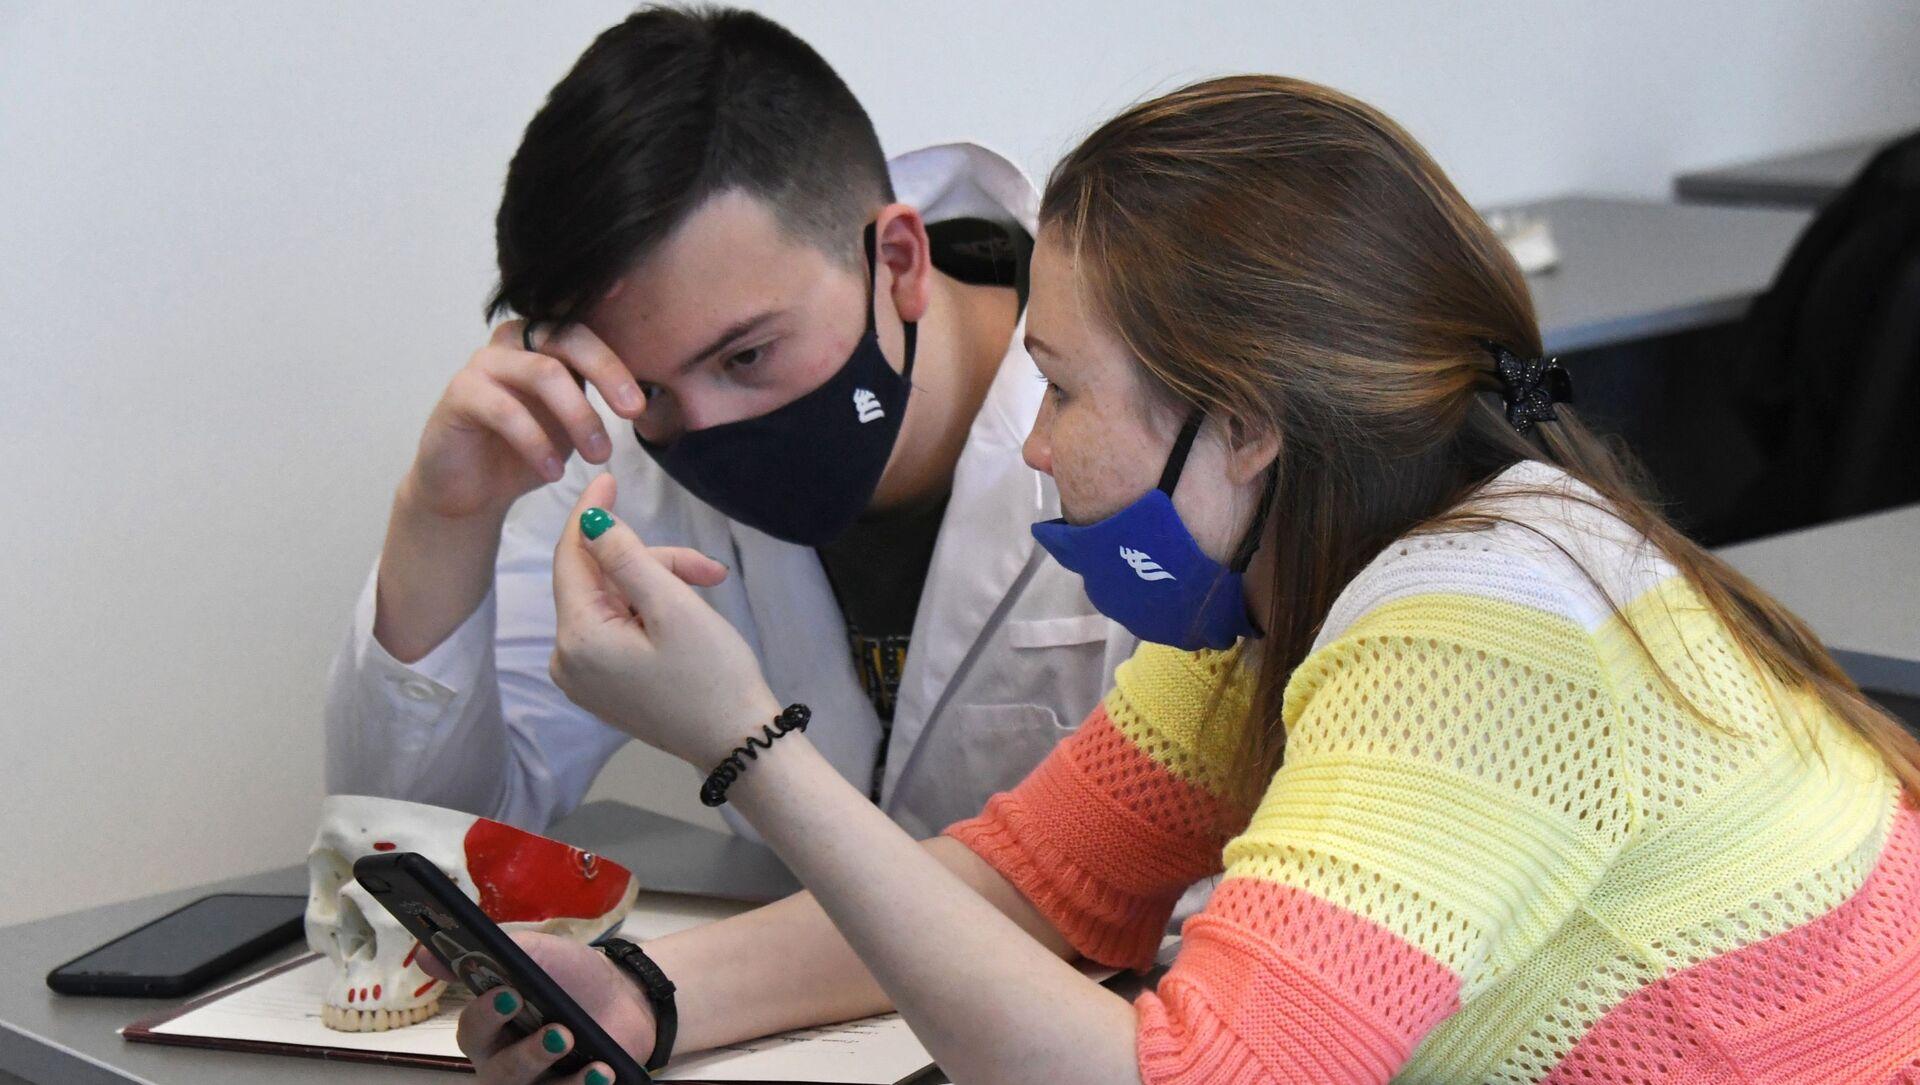 Возобновление очного обучения в Дальневосточном федеральном университете - Sputnik Узбекистан, 1920, 01.02.2021